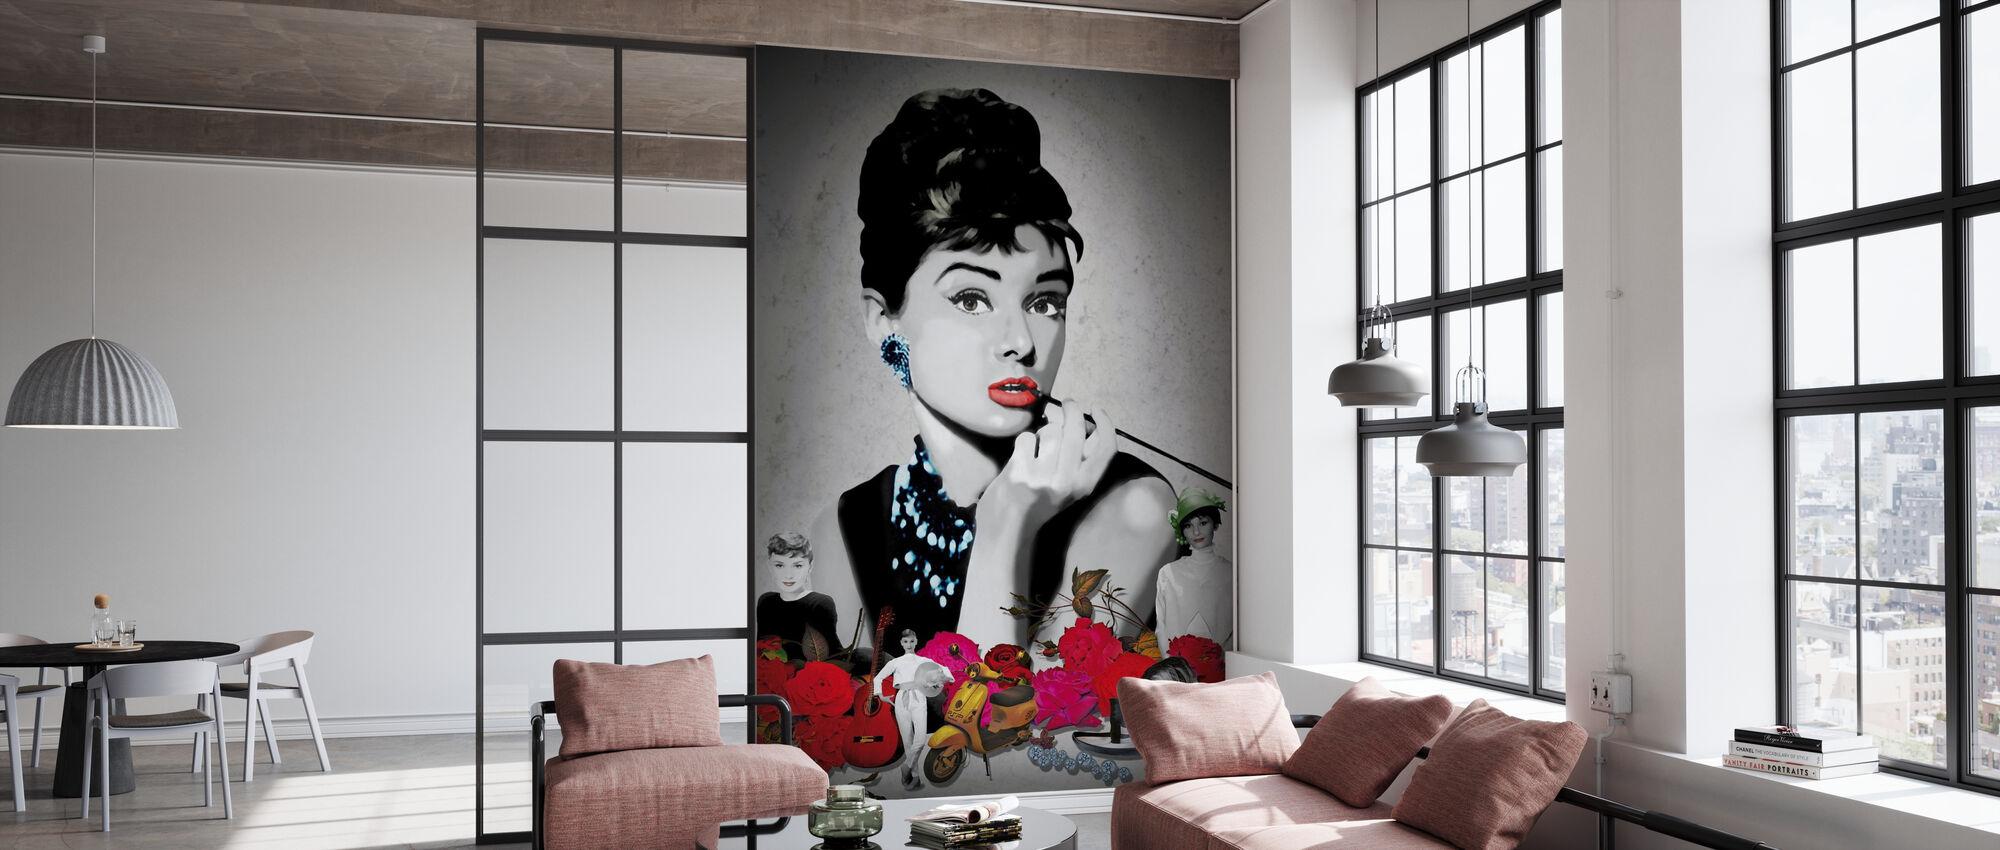 Hepburn - Black - Wallpaper - Office